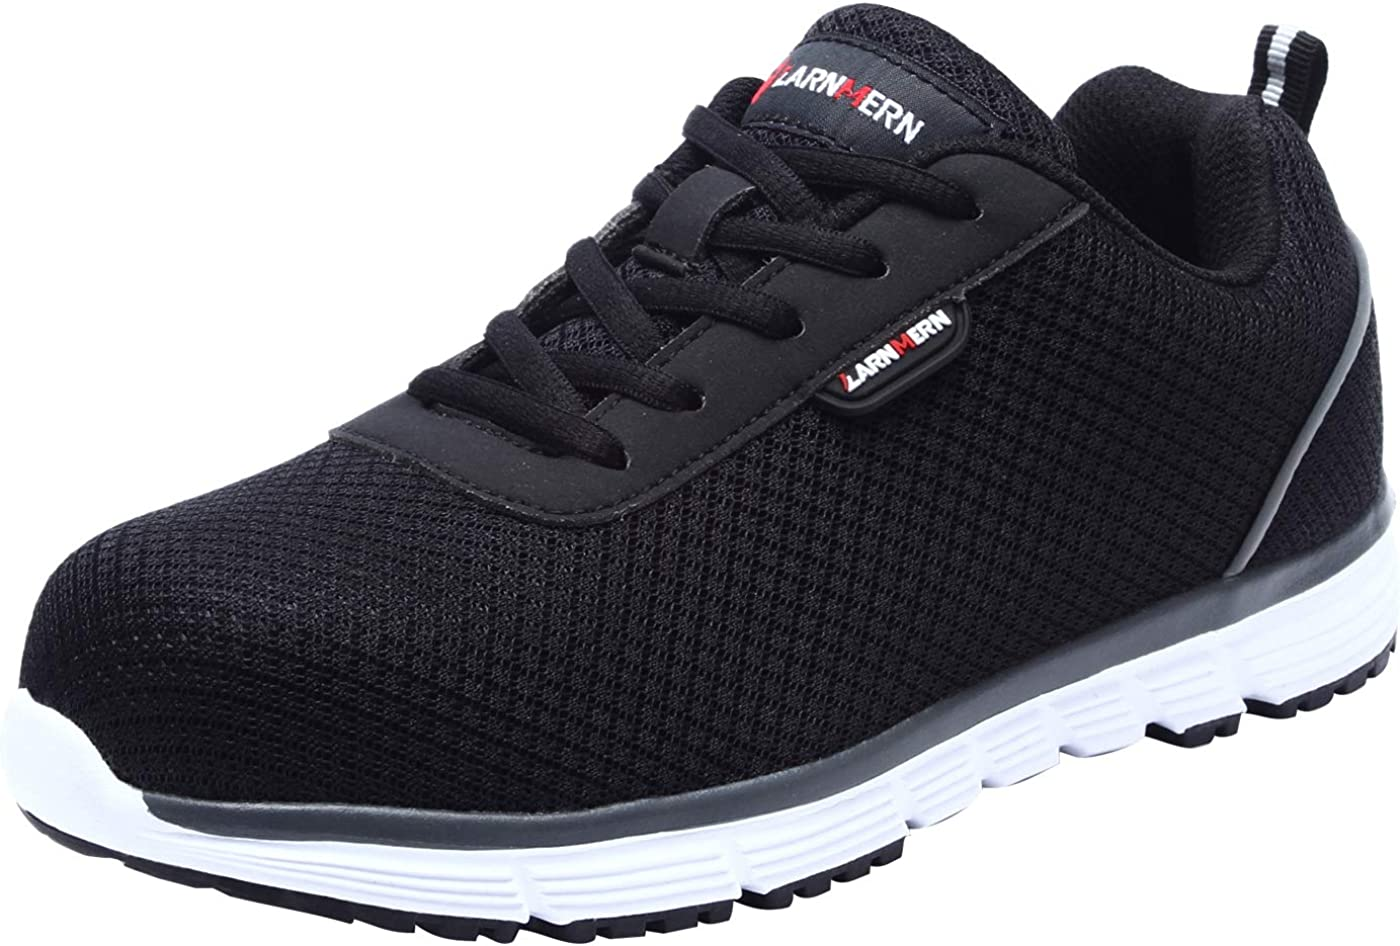 Zapatillas de Seguridad Mujer L8038 SRC Zapatos de Trabajo con Punta de Acero Ultra Liviano Suave y cómodo Transpirable Antideslizante